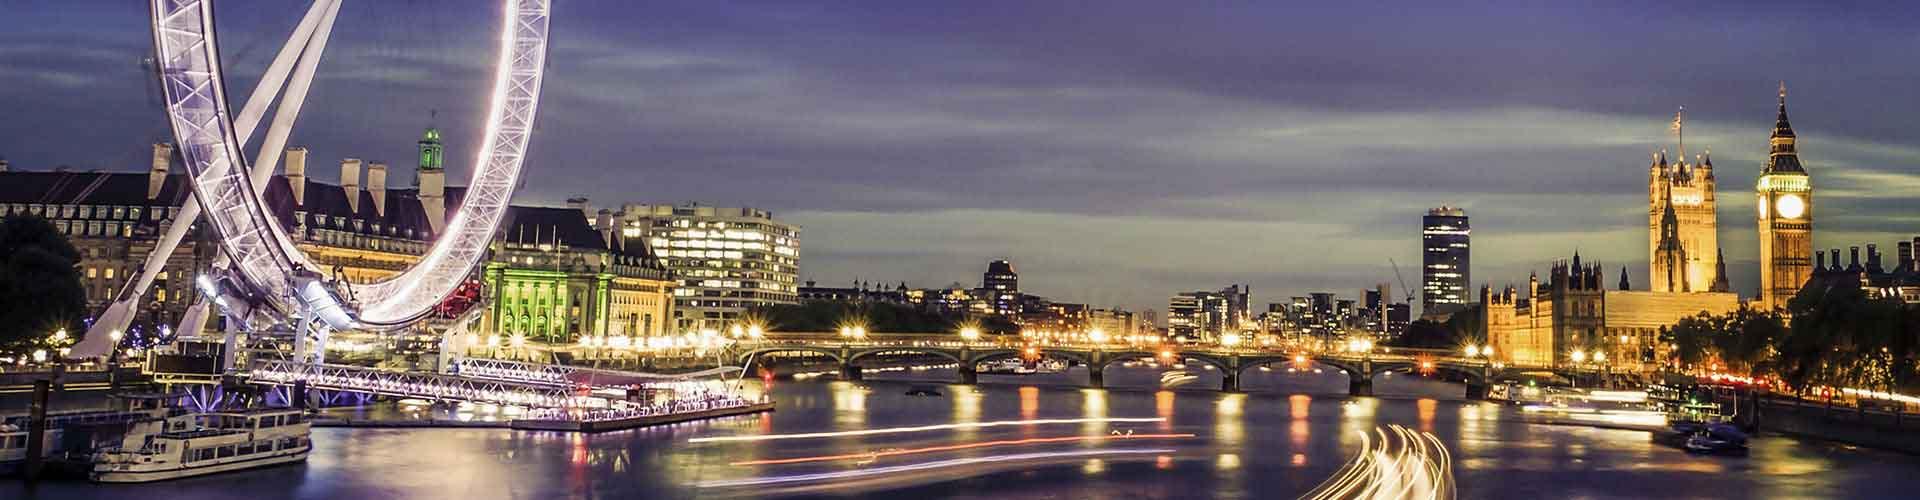 런던 - 런던 아이에 가까운 호텔. 런던의 지도, 런던에 위치한 호텔에 대한 사진 및 리뷰.